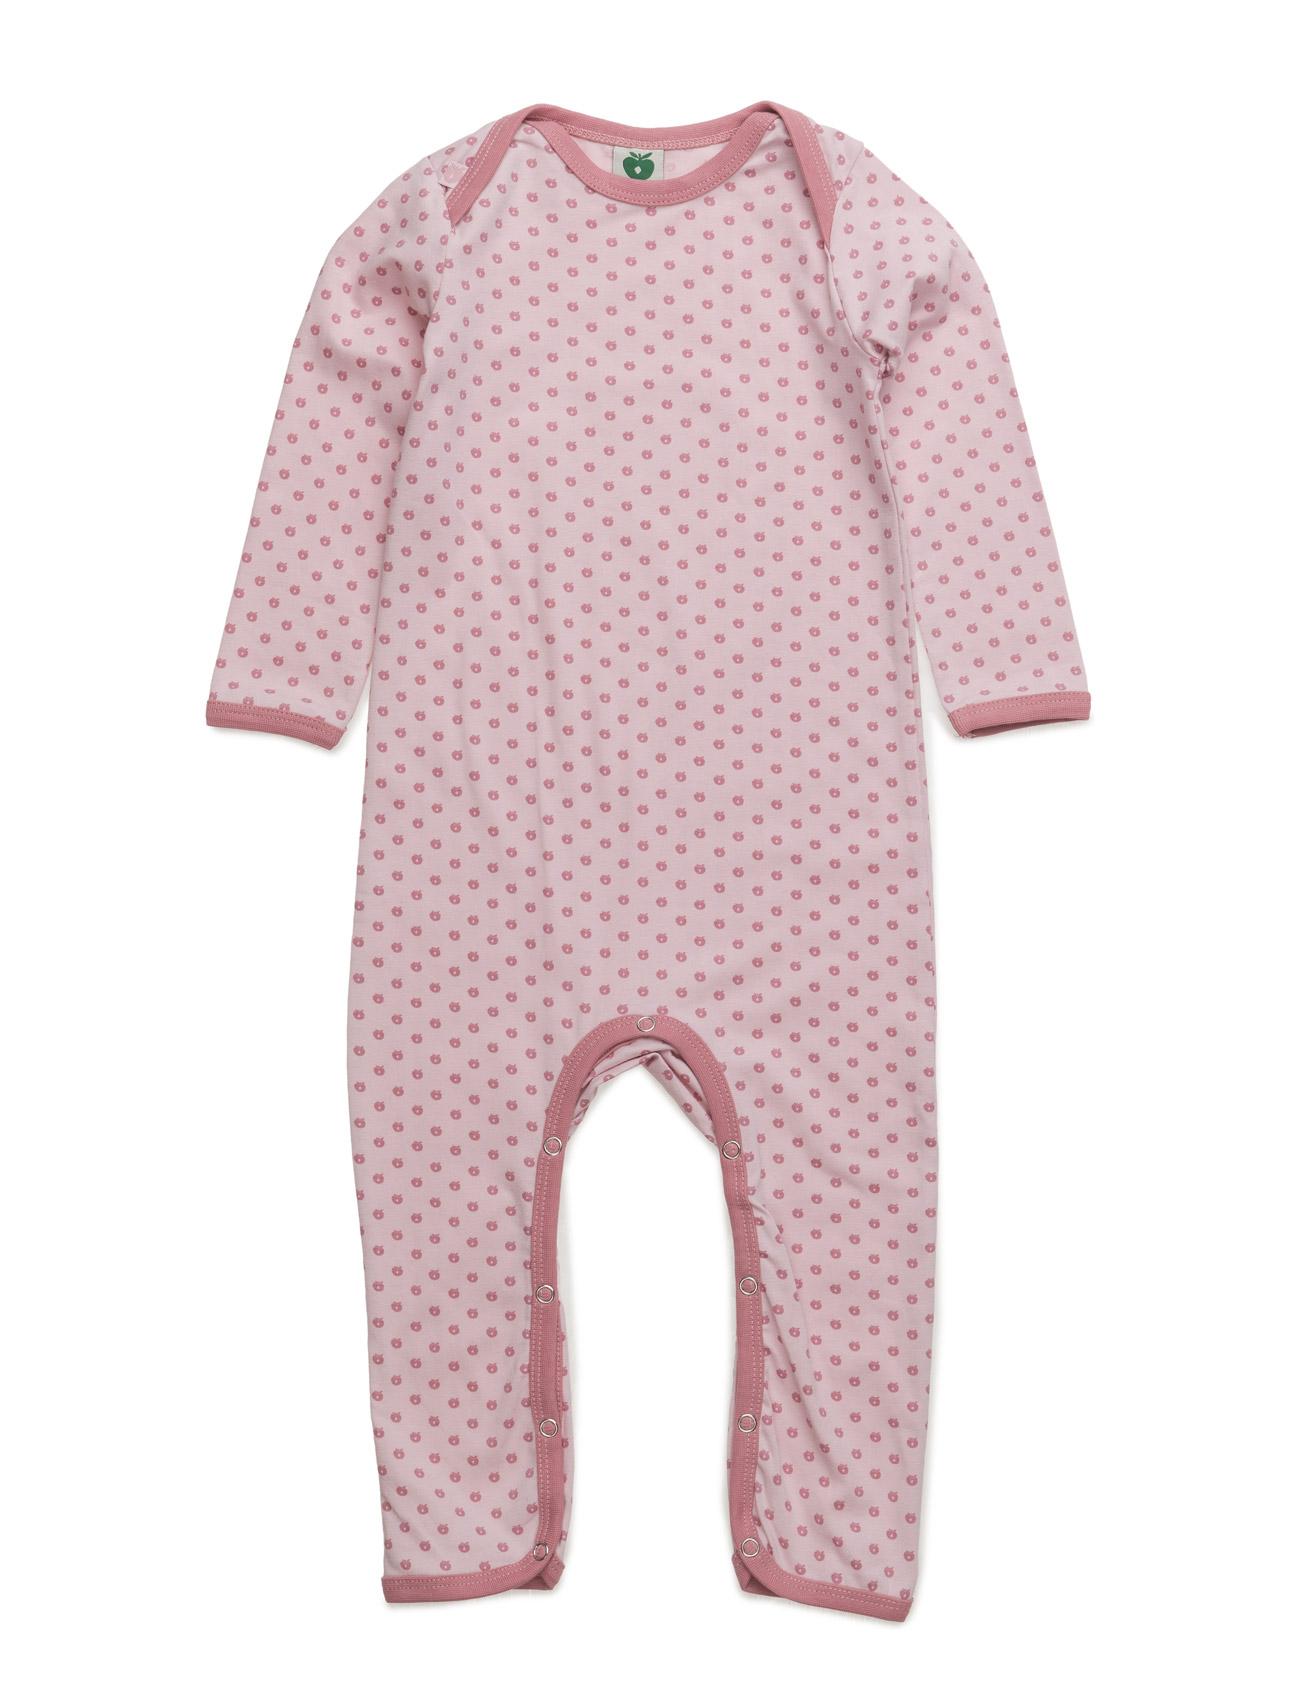 Body Suit. Micro Apples Småfolk Langærmede bodies til Børn i